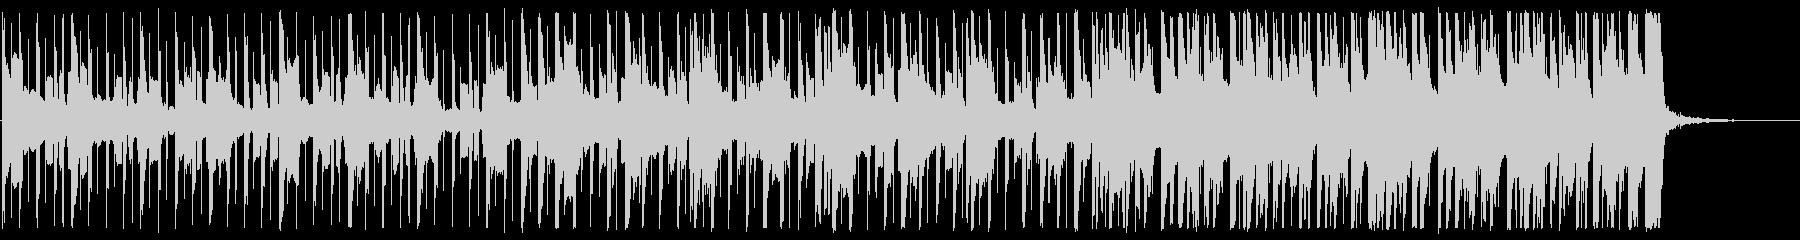 前向き/明るい/ハウス_No475_2の未再生の波形